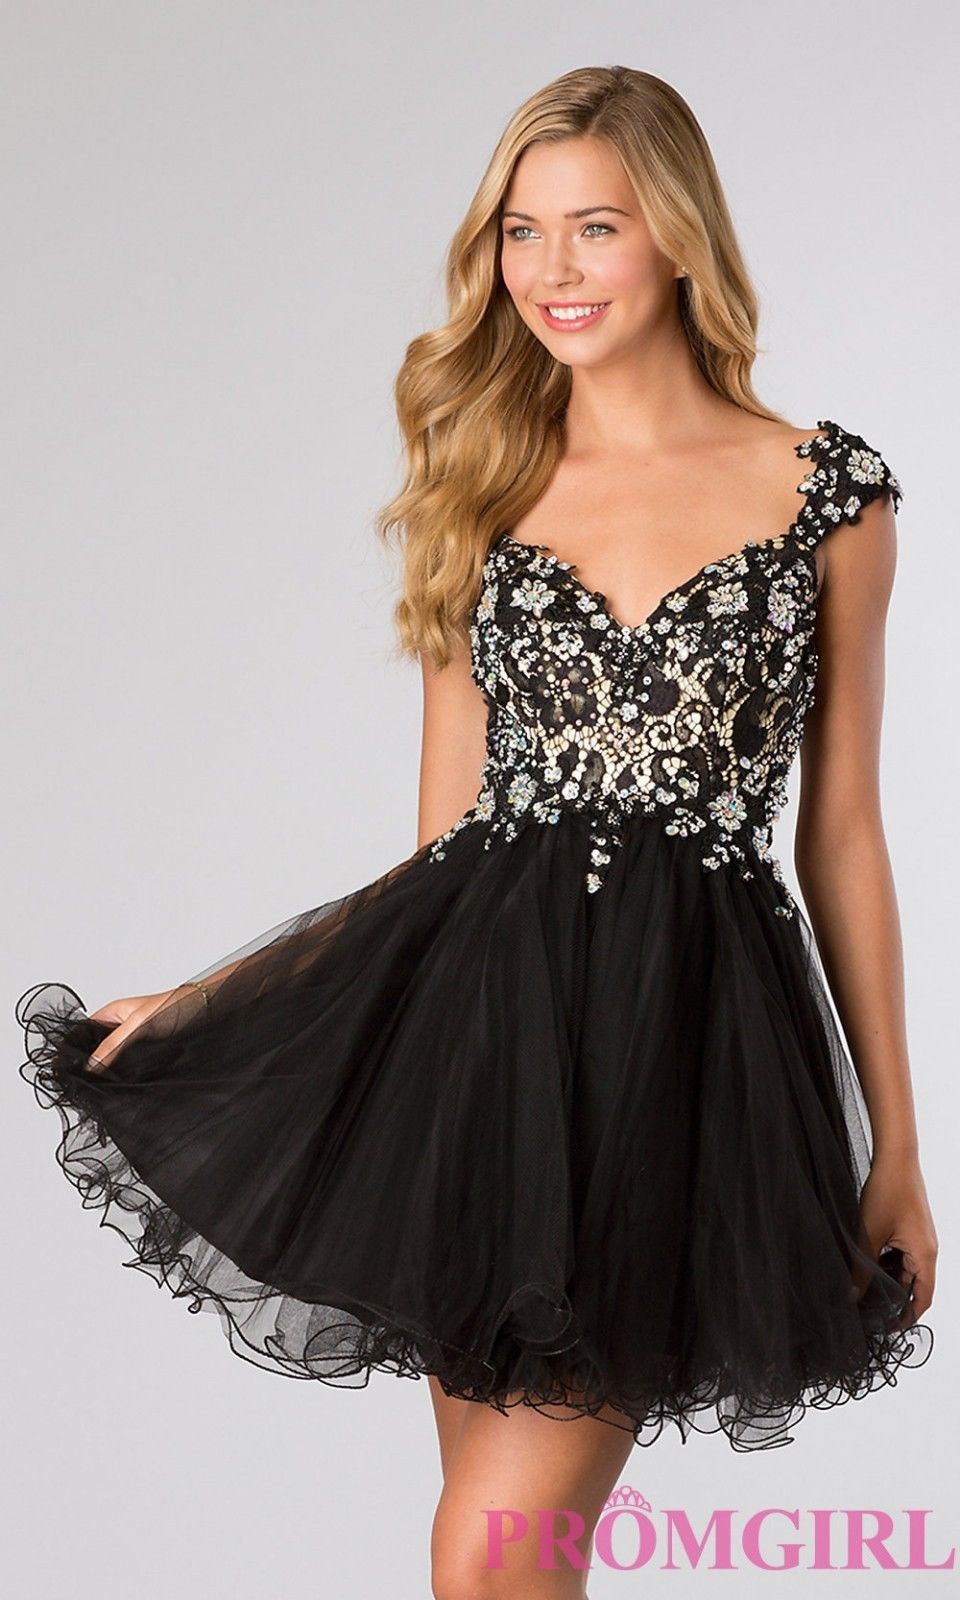 14f4e7da38f Promgirl Short Beaded Dresses - Gomes Weine AG